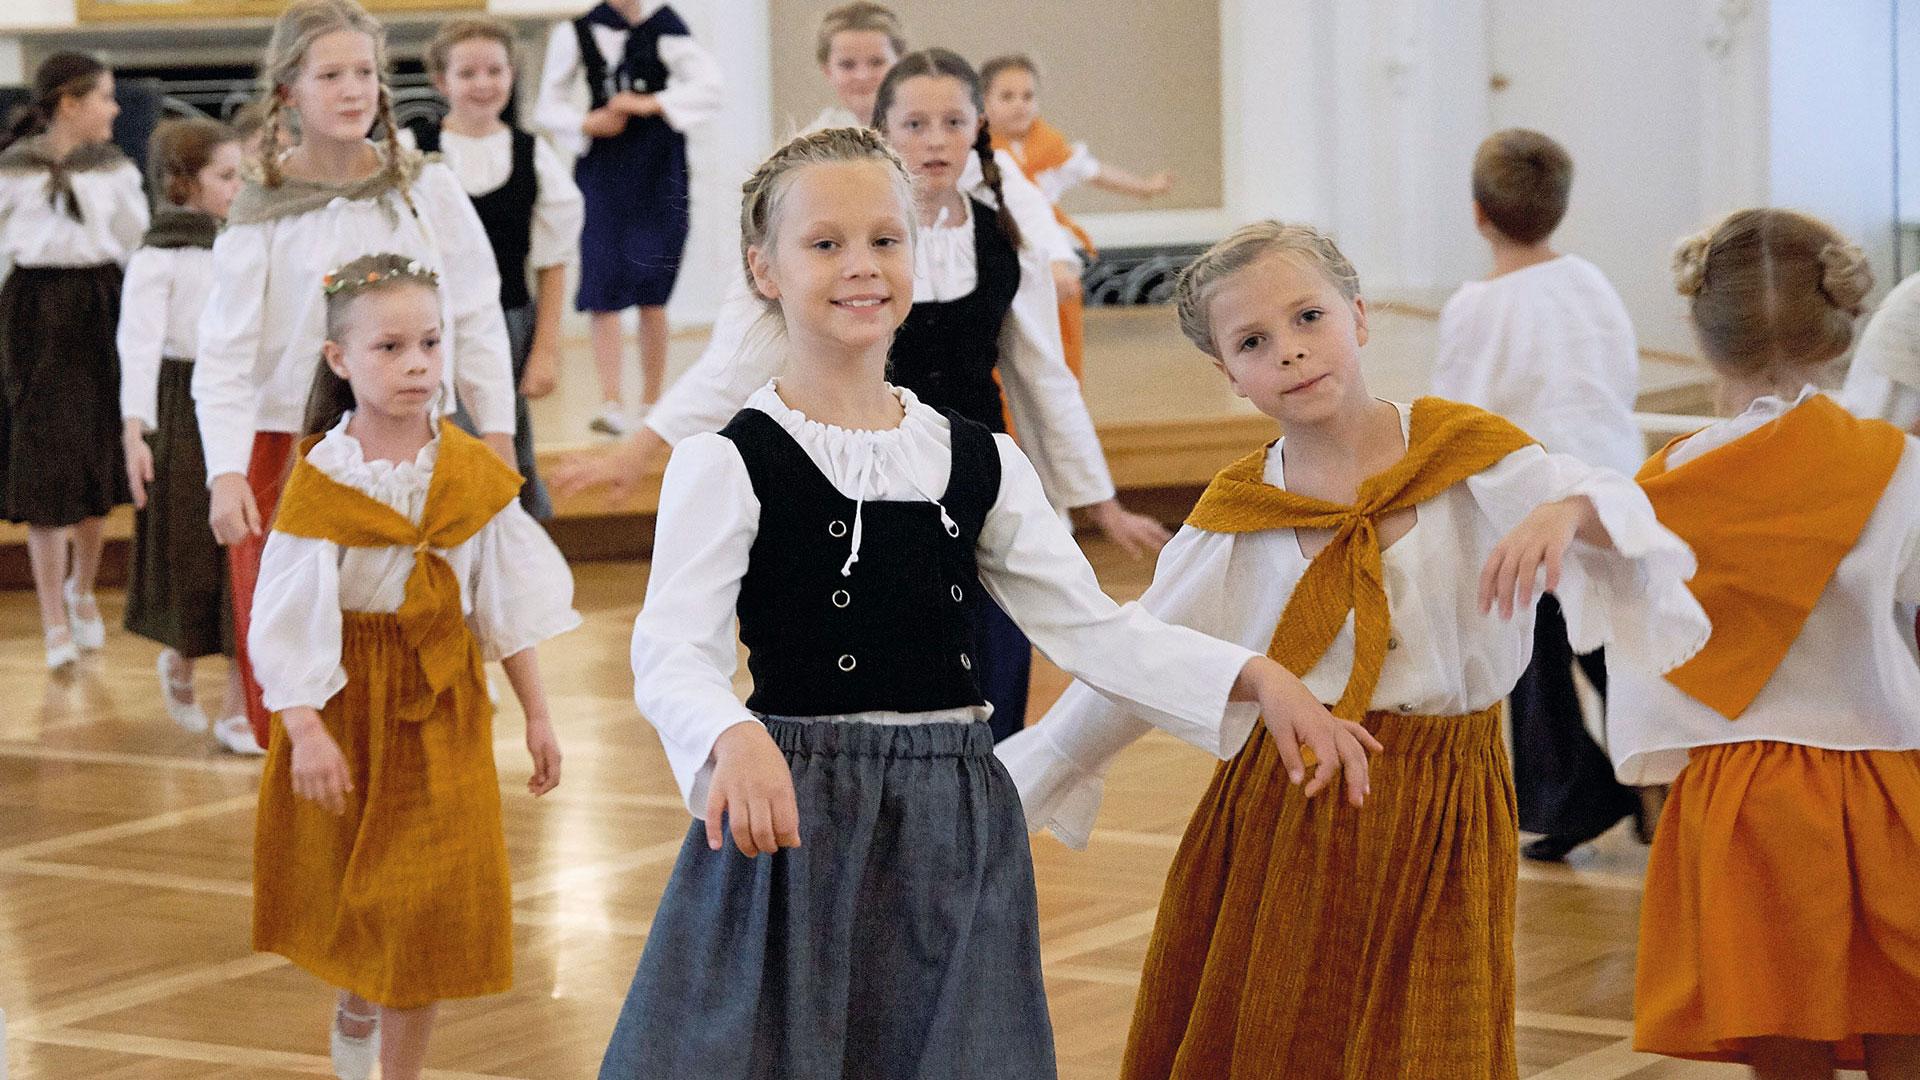 NL161015-005_Ballettschule-16zu9.jpg